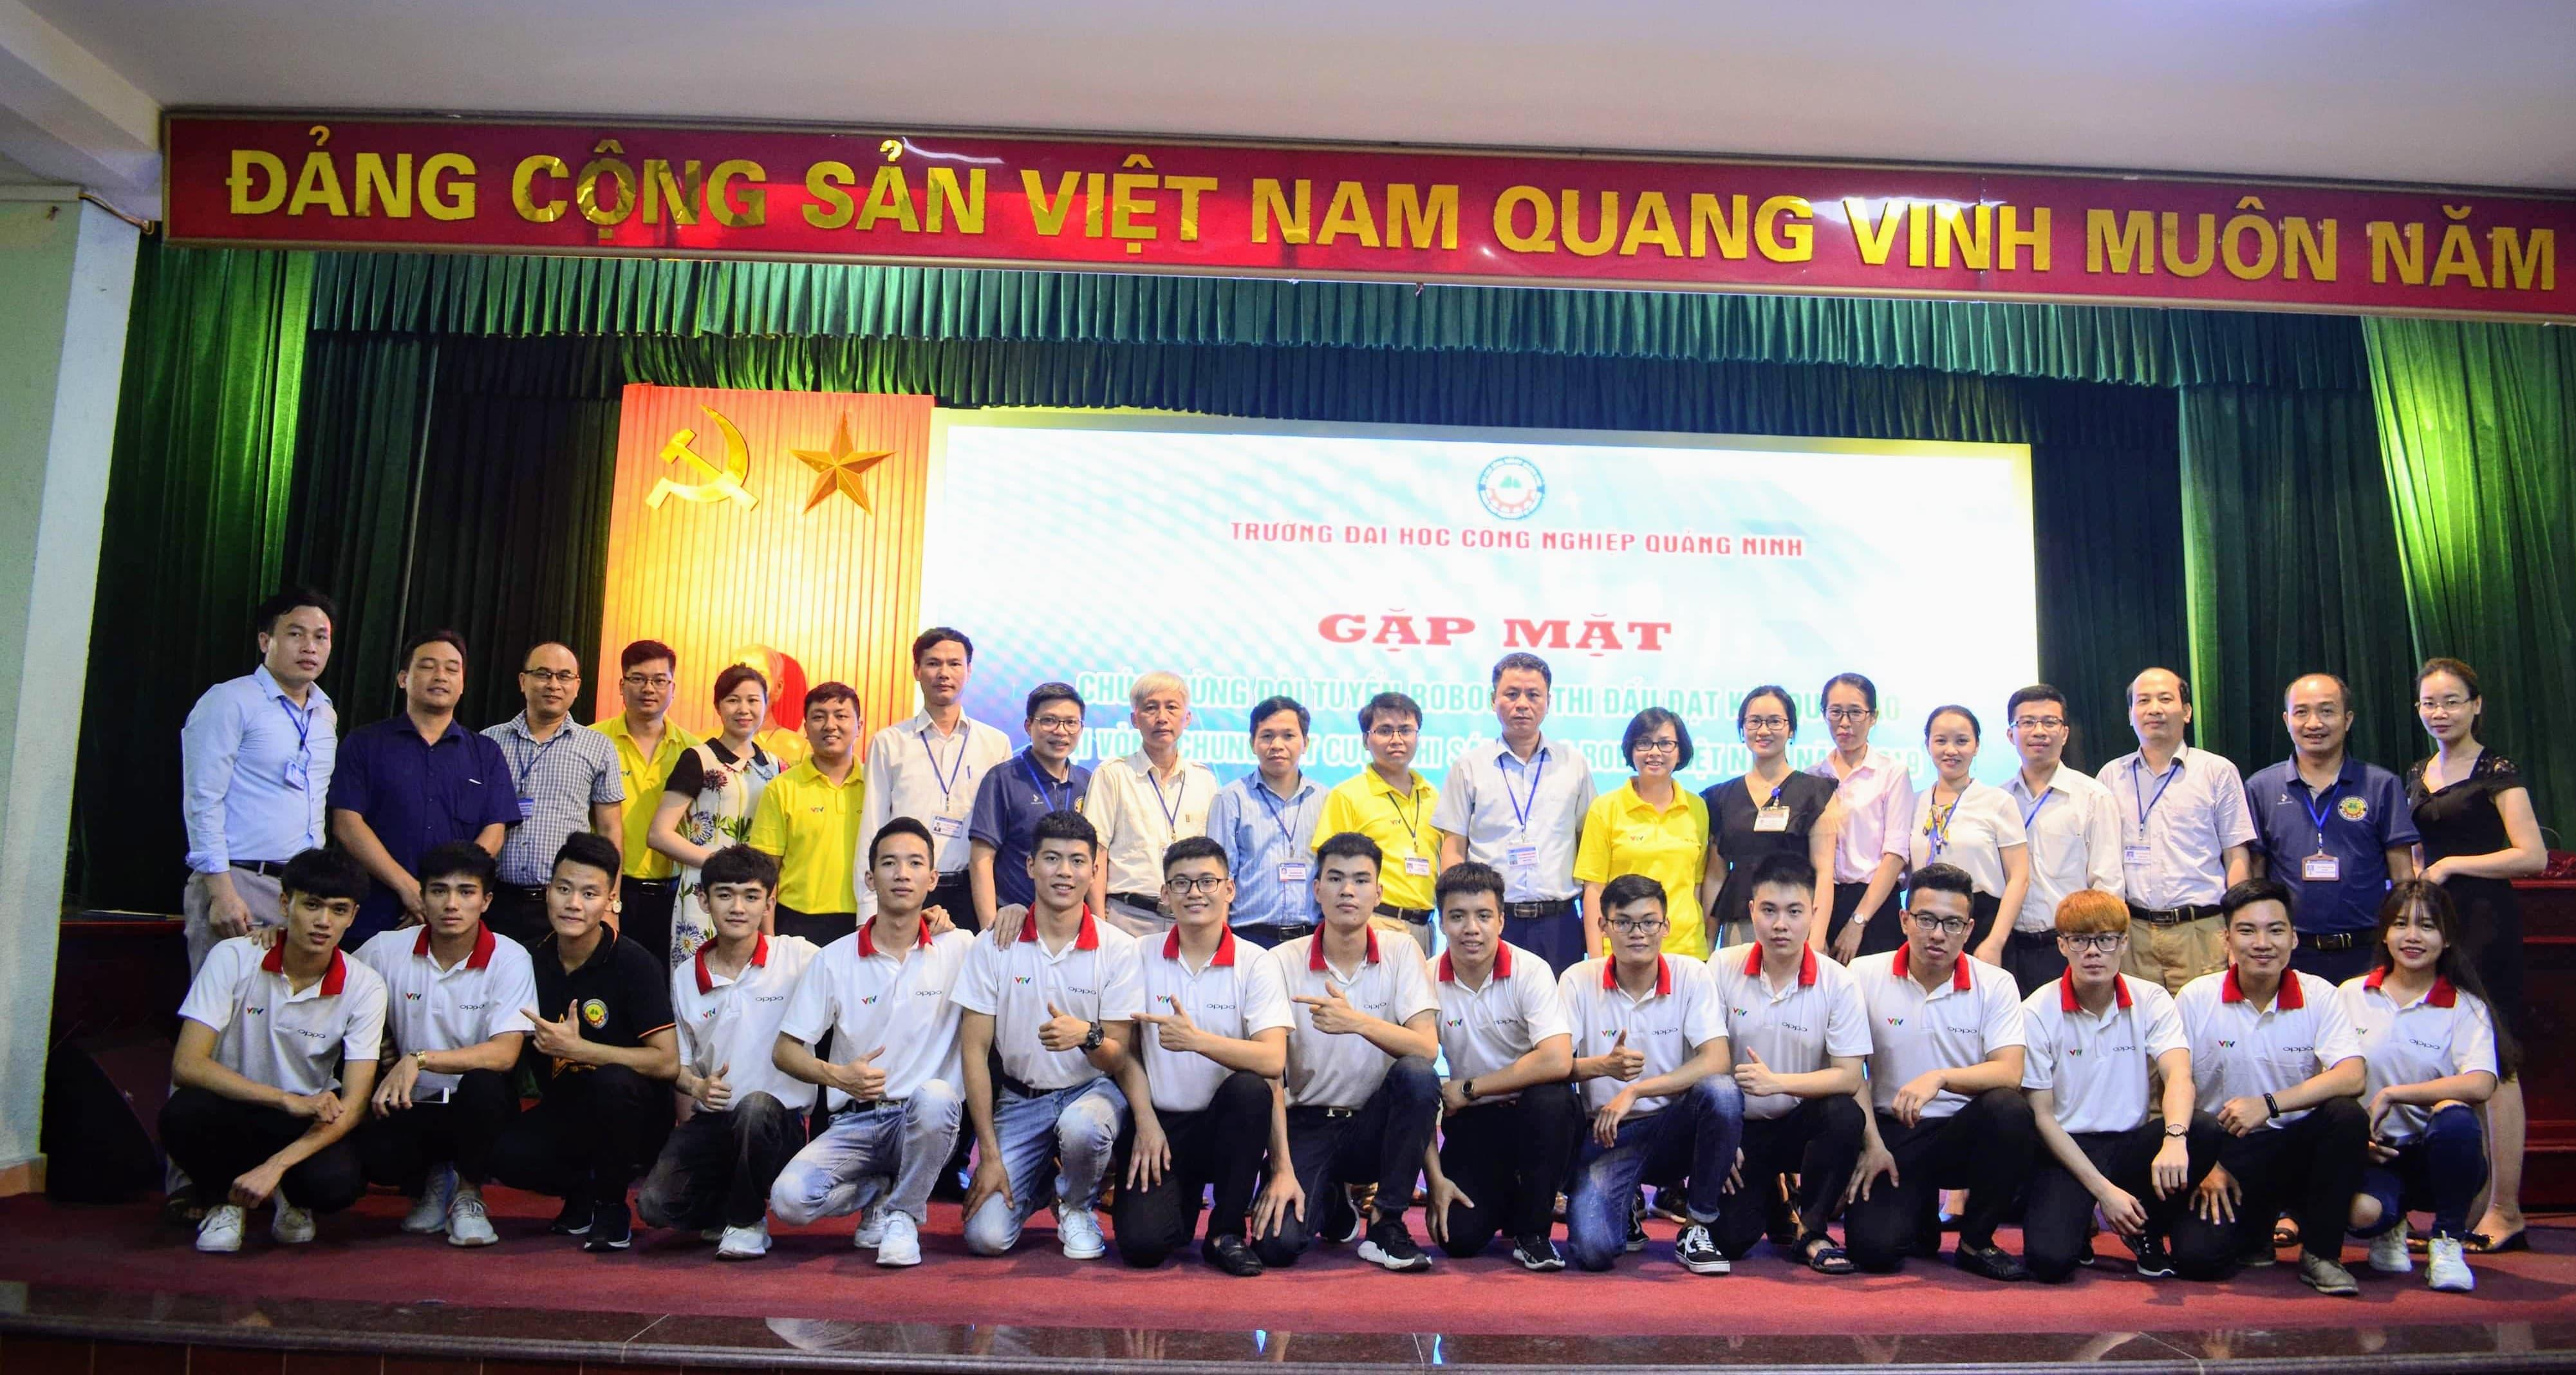 Gặp mặt, tuyên dương đội tuyển Robocon trường ĐH Công nghiệp Quảng Ninh